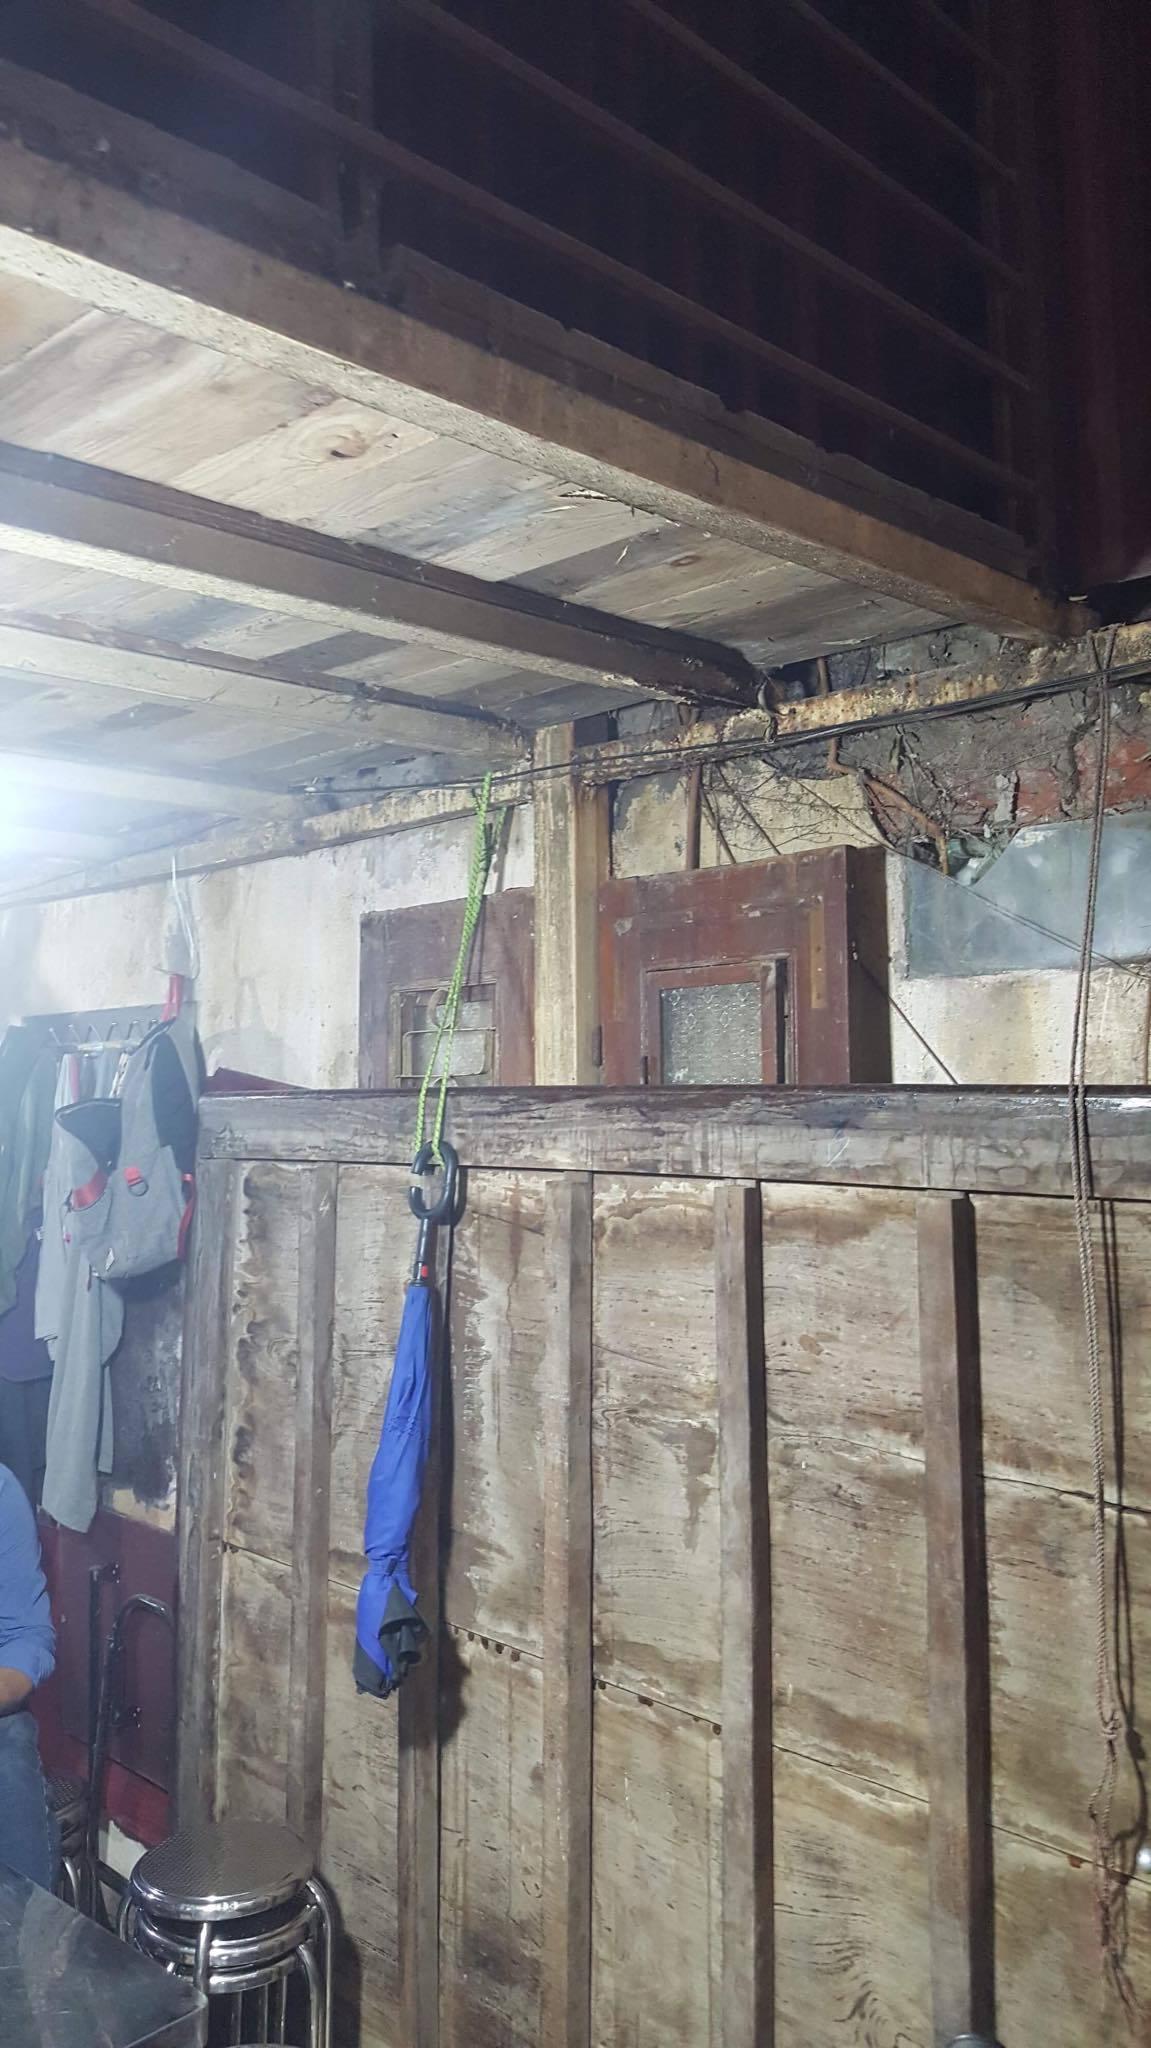 Ban thờ lập vội trong căn nhà tồi tàn của nạn nhân vụ tai nạn ở hầm Kim Liên